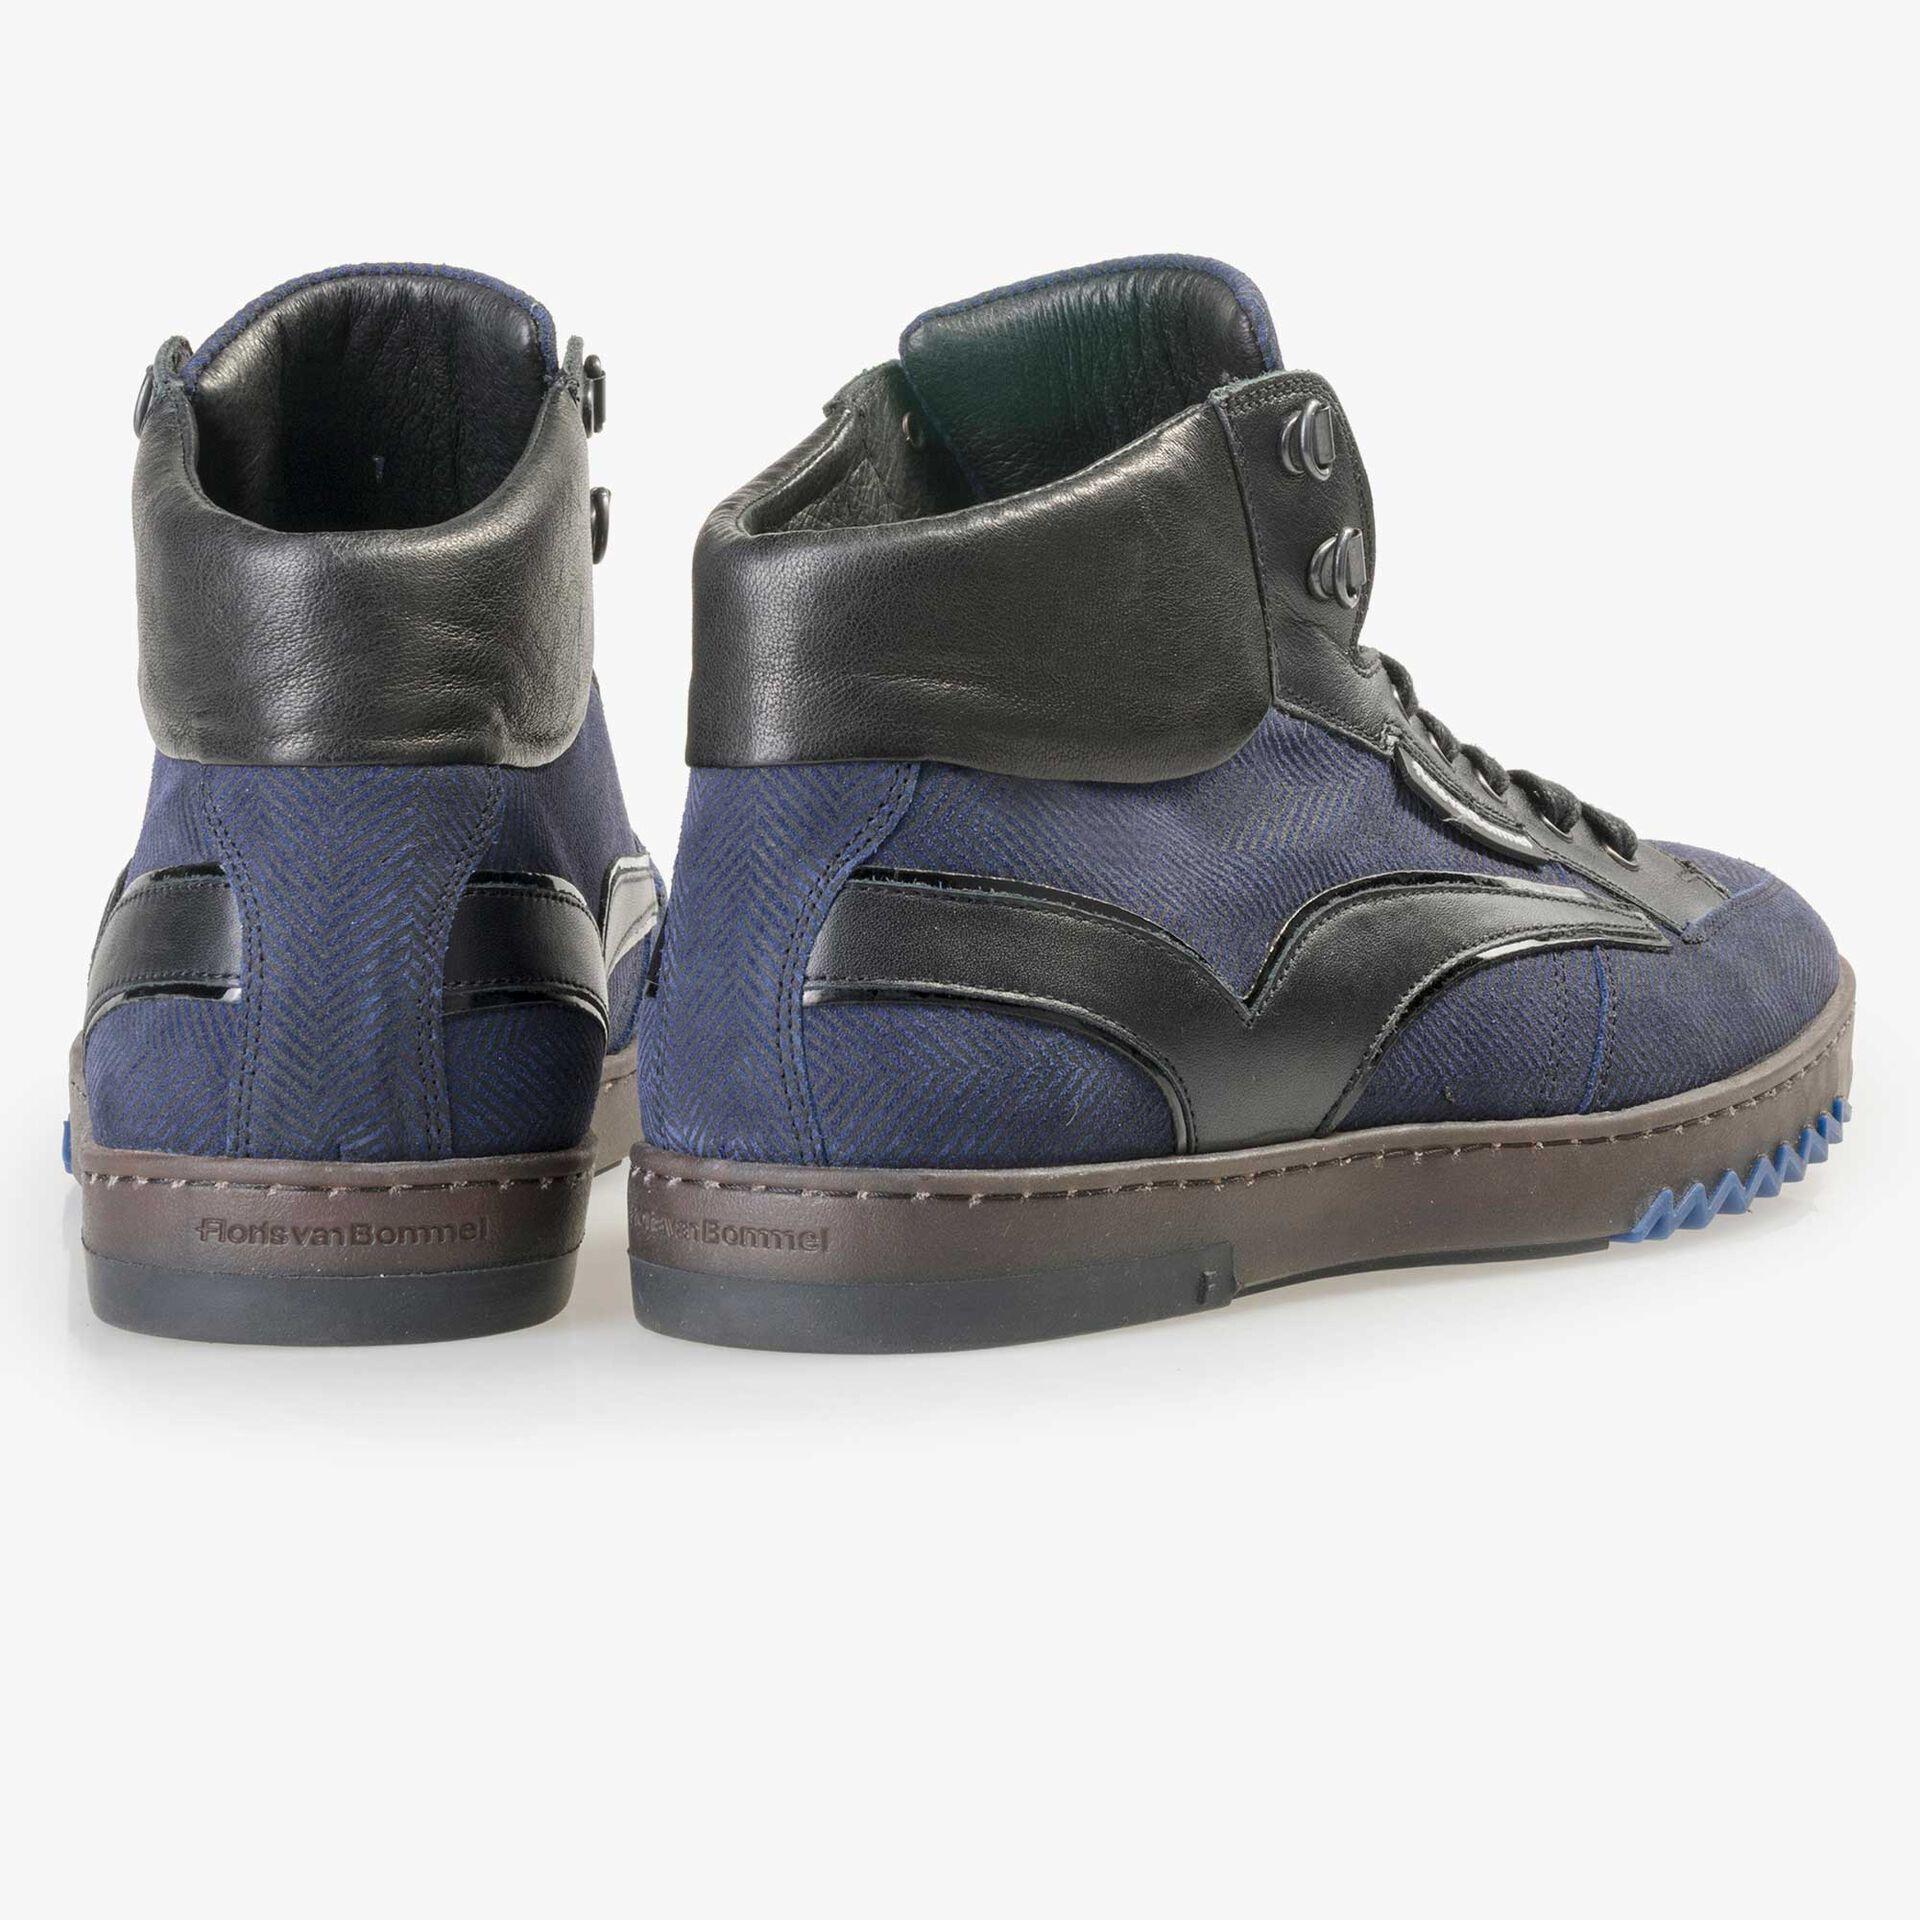 Floris van Bommel halfhoge blauwe suède heren sneaker